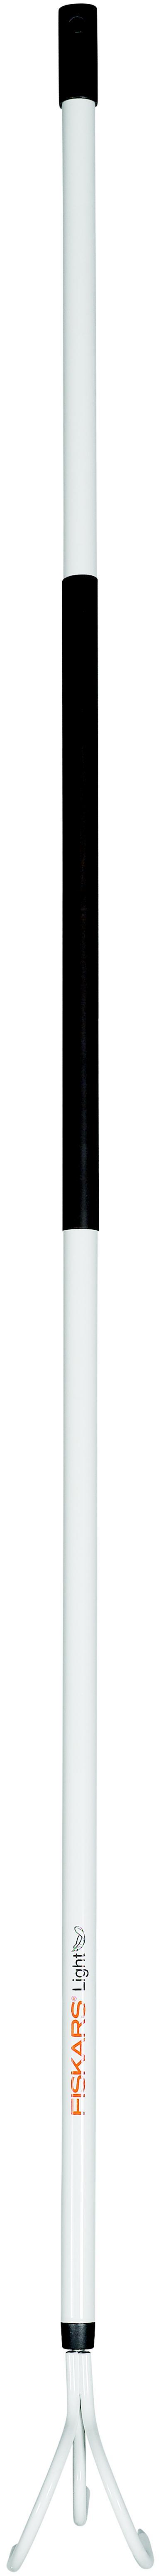 Культиватор Fiskars 136573 коннектор fiskars 3 8